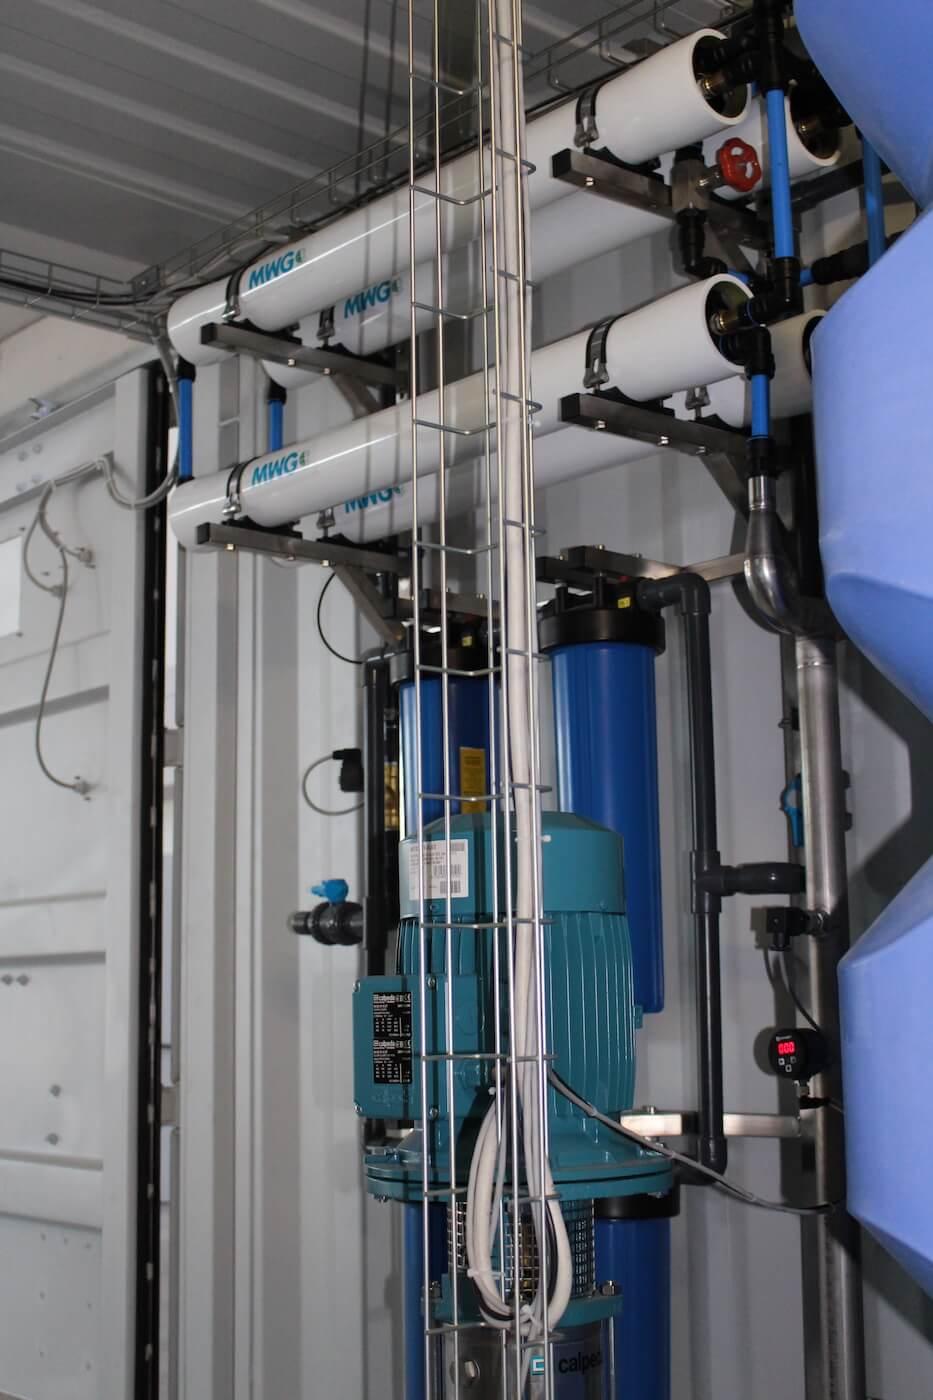 cz trattamento acque - impianti depurazione acqua filtrazione addolcimento osmosi inversa impianti container 12